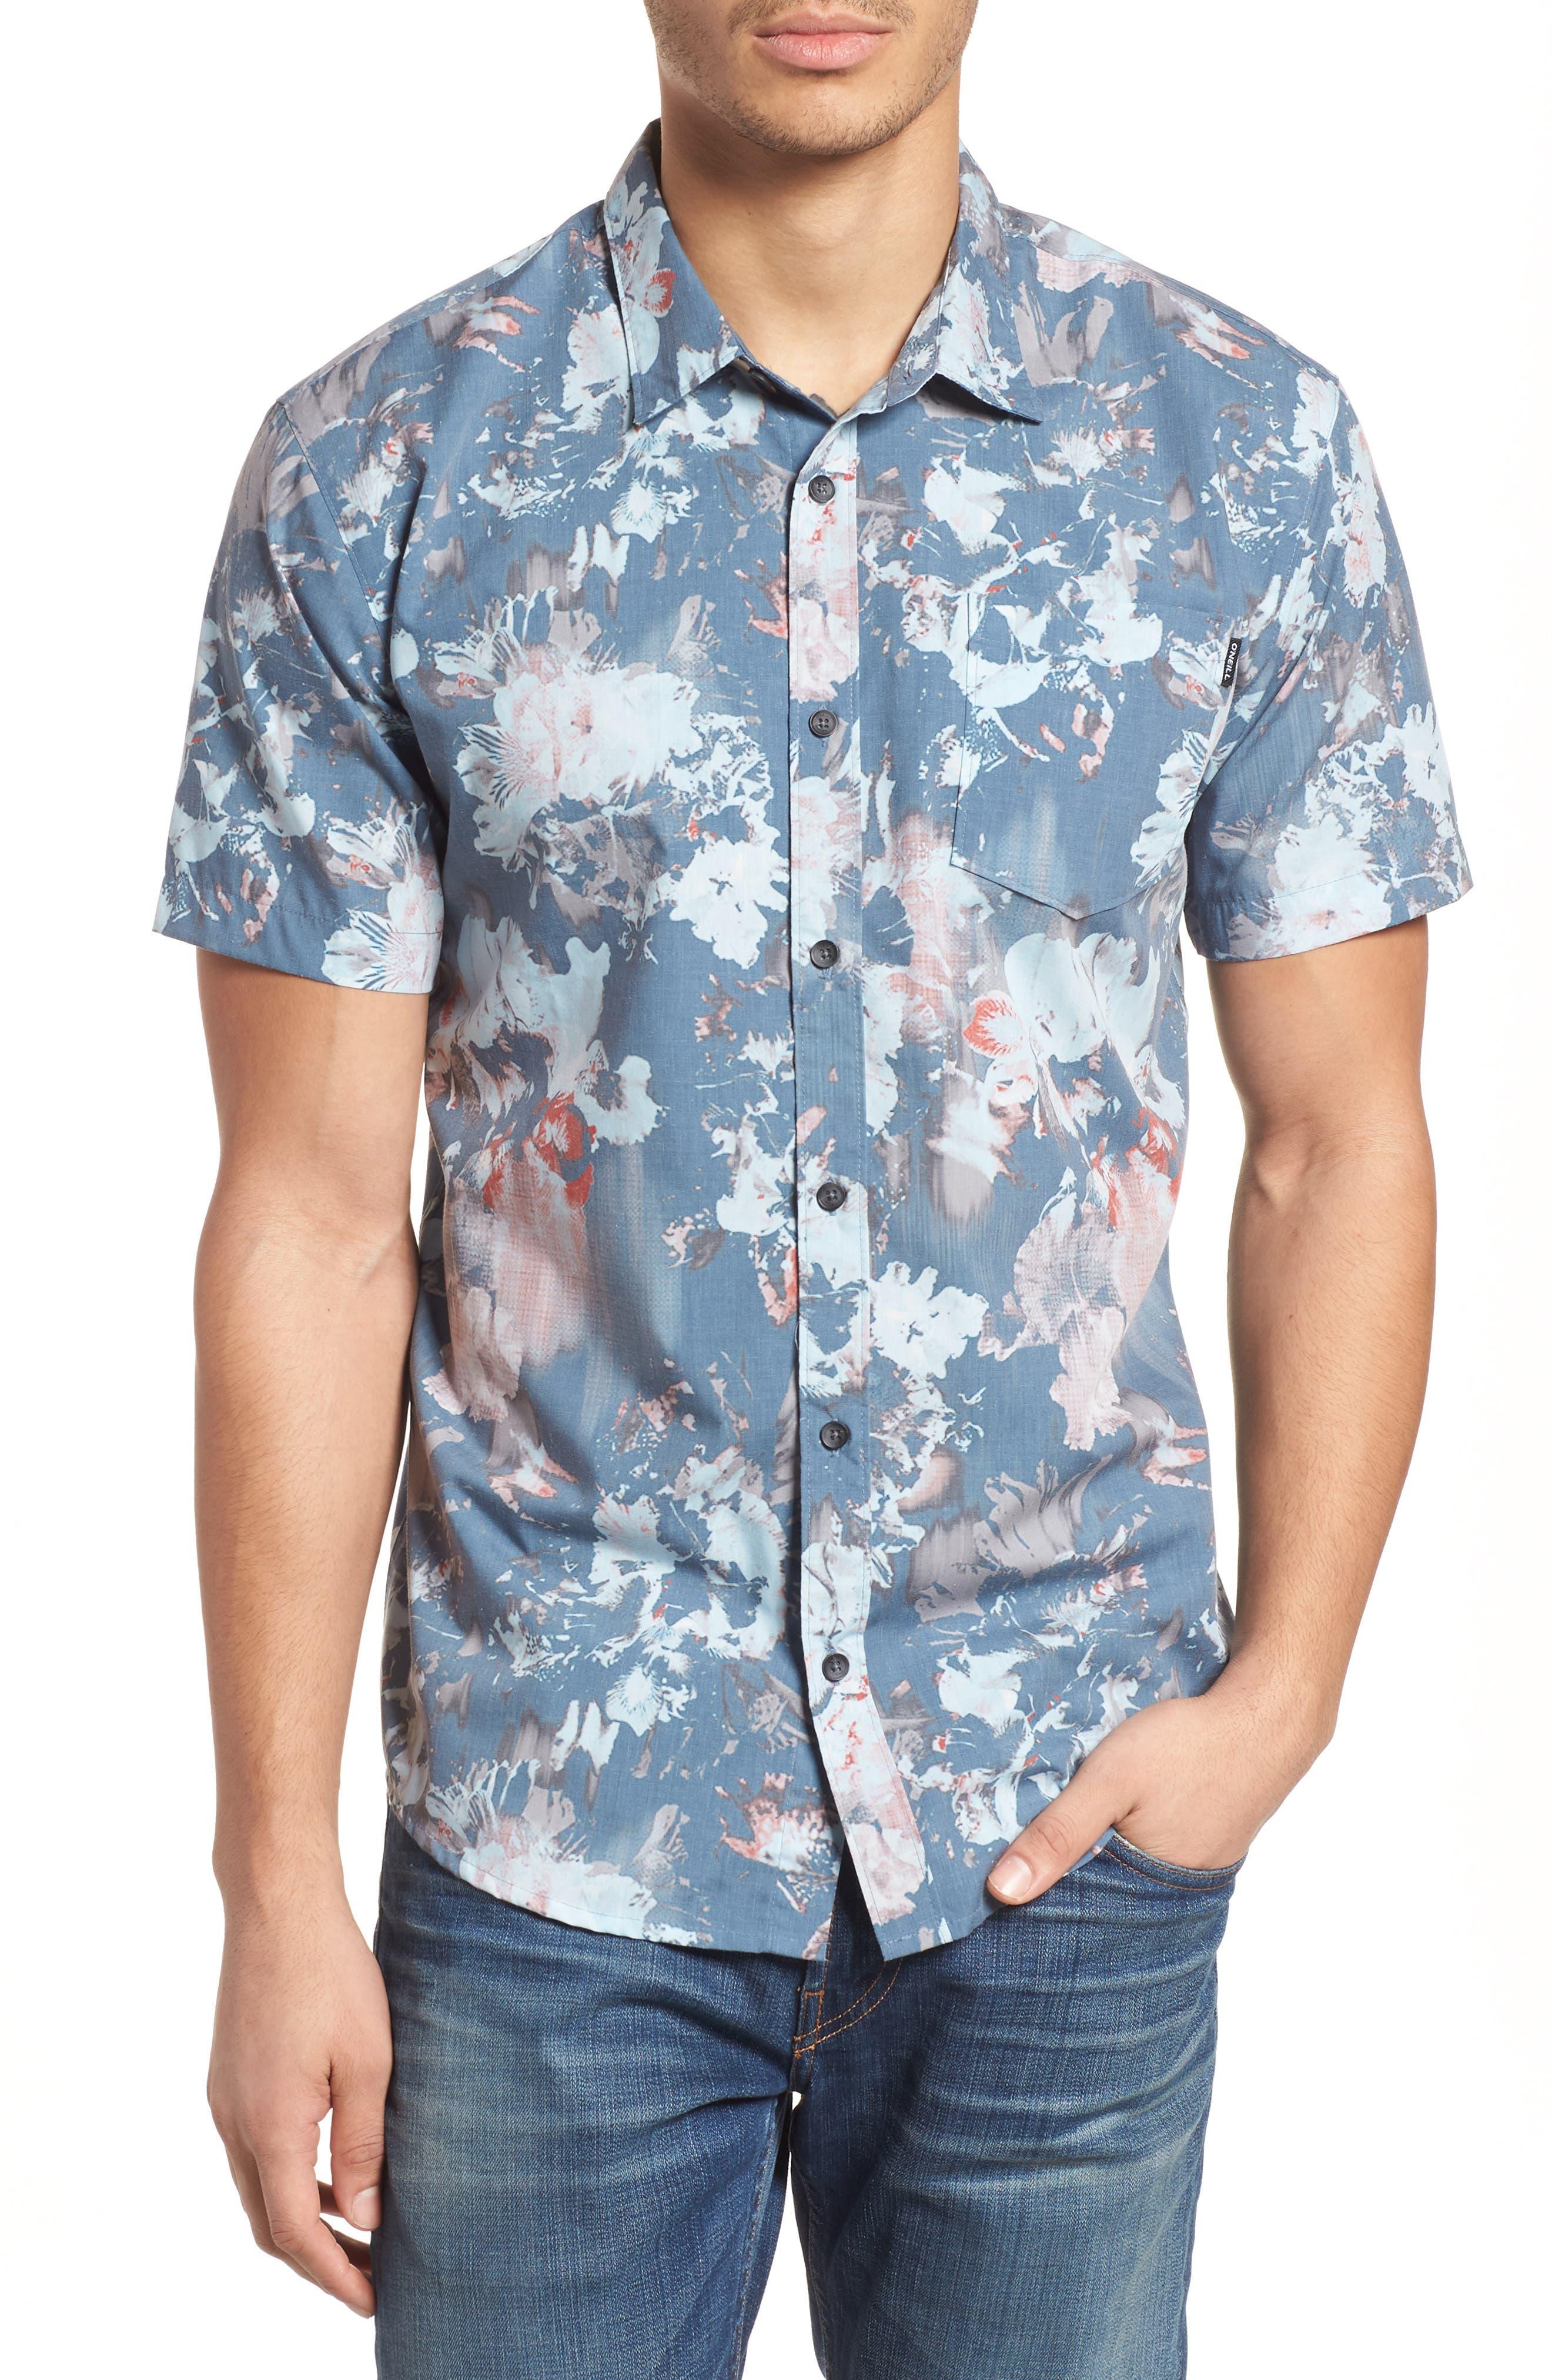 Perennial Woven Shirt,                         Main,                         color, Dust Blue